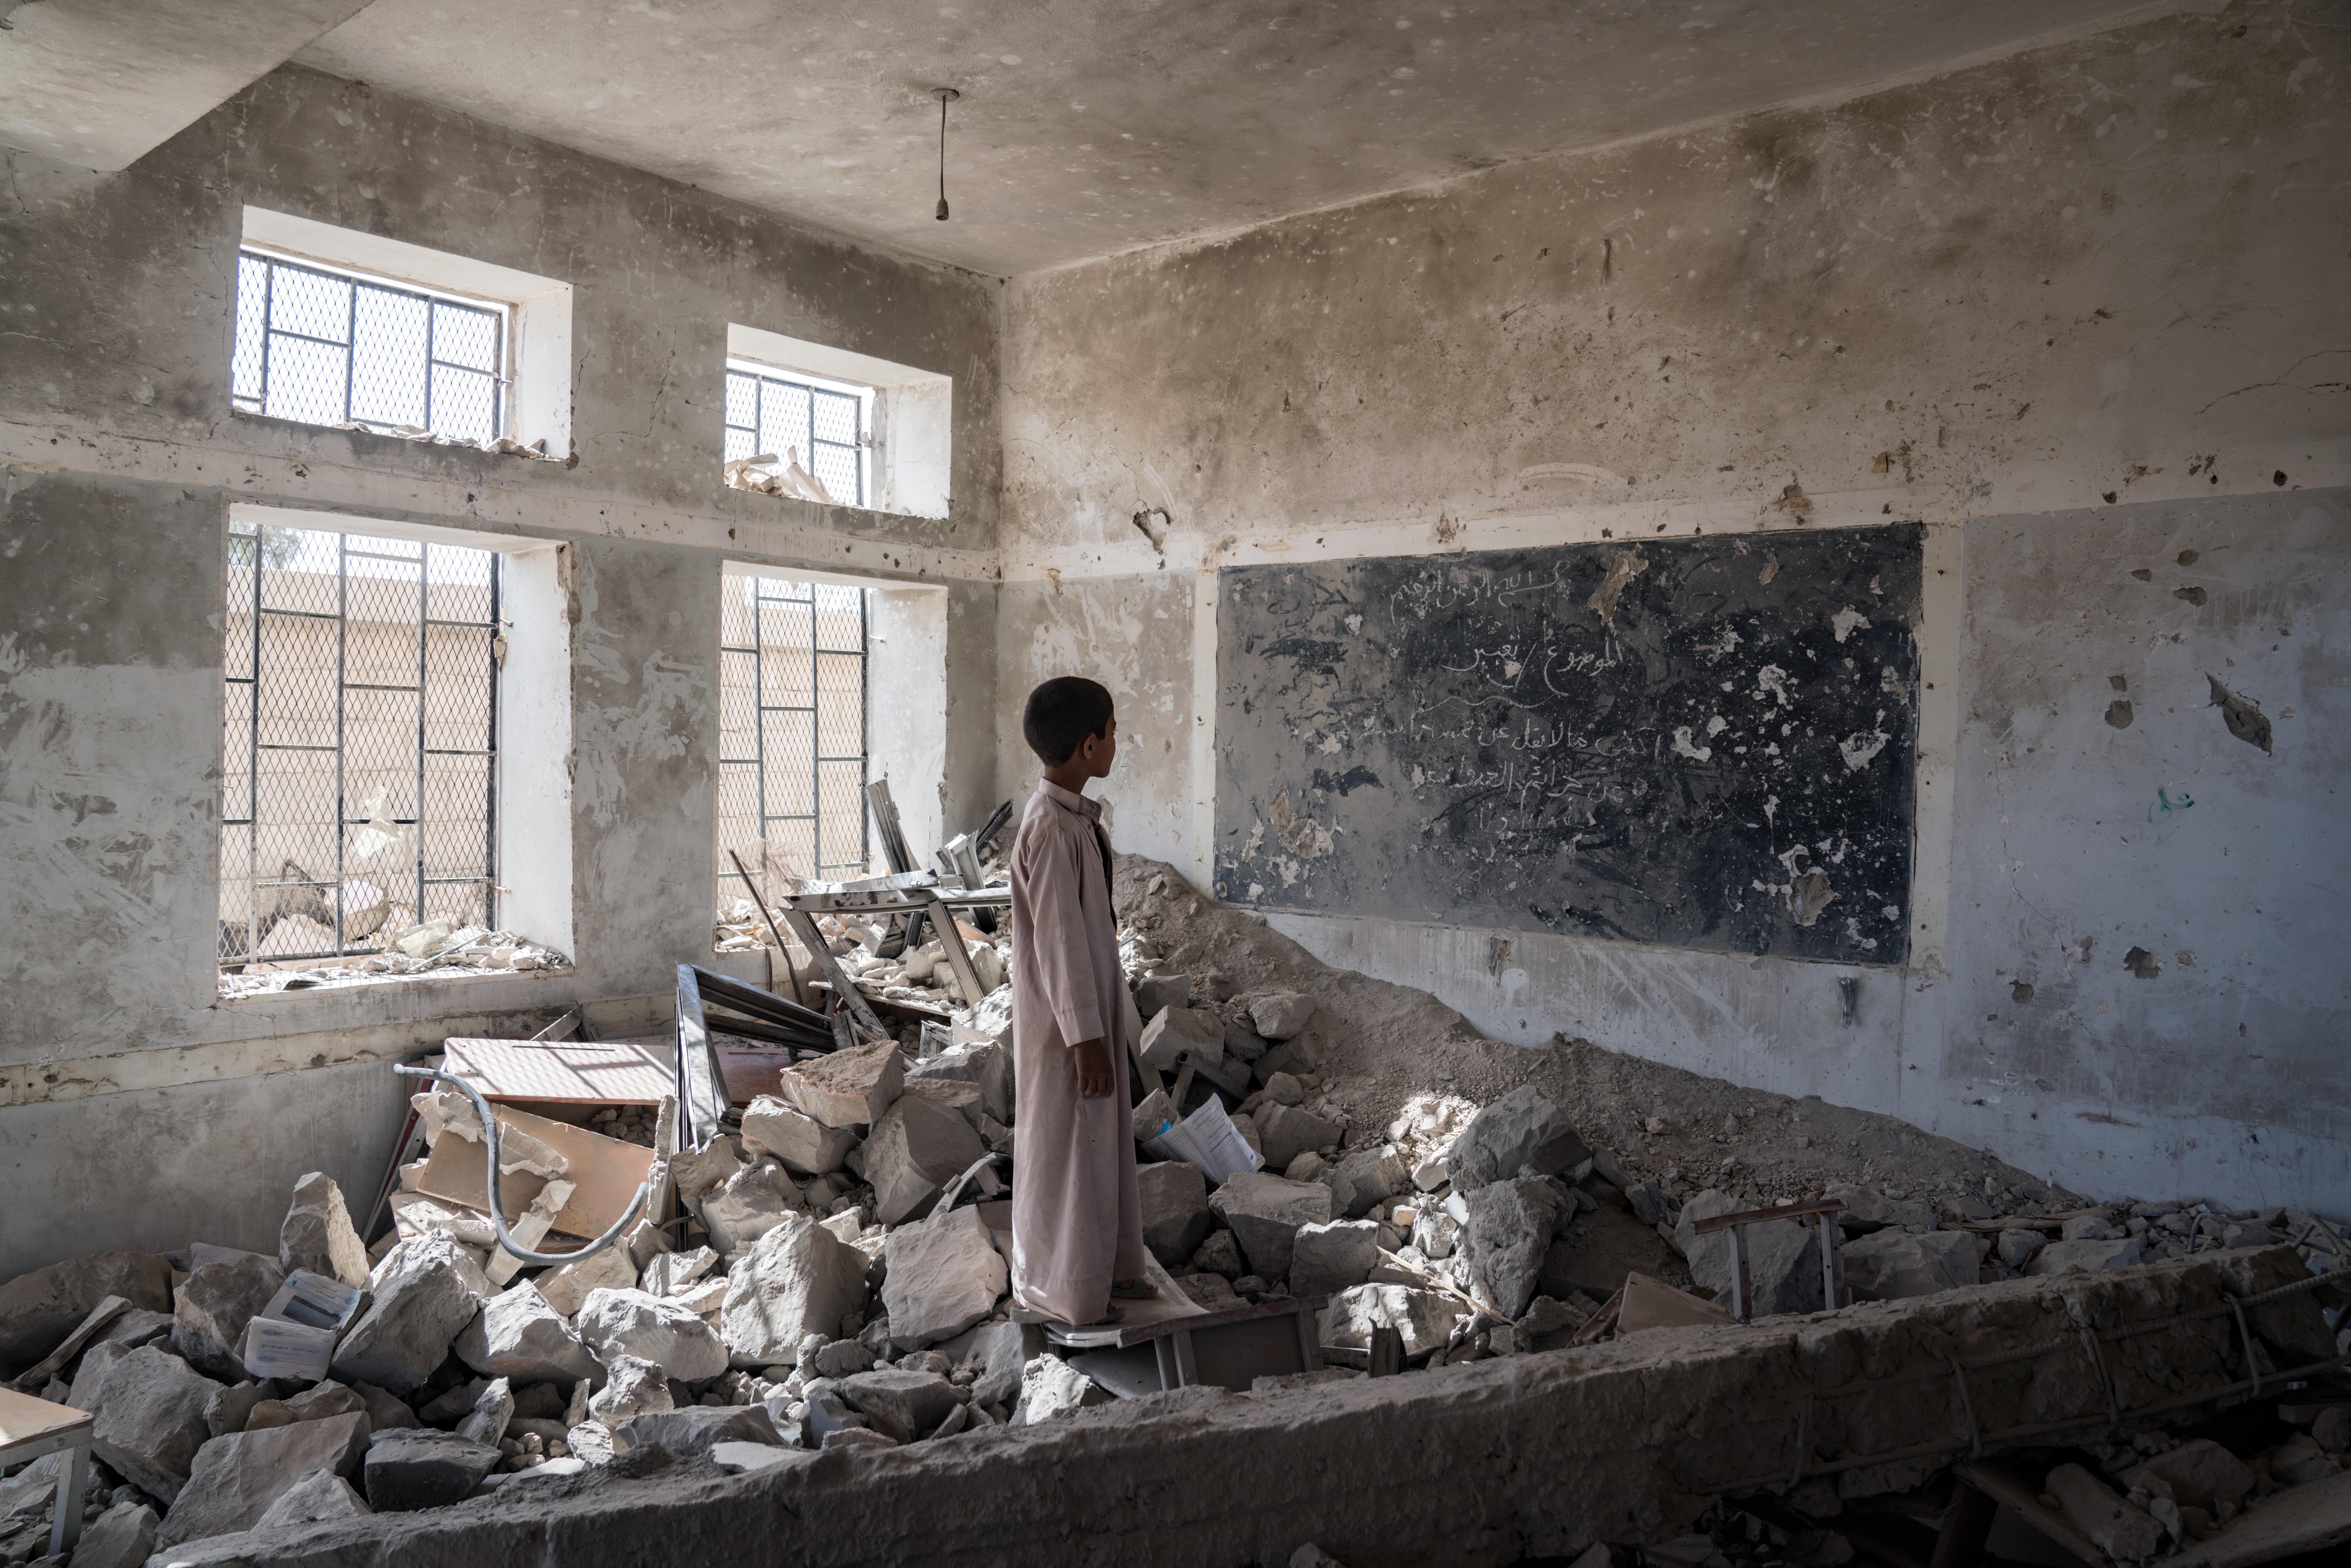 Yemen in Crisis. Credit Giles Carke